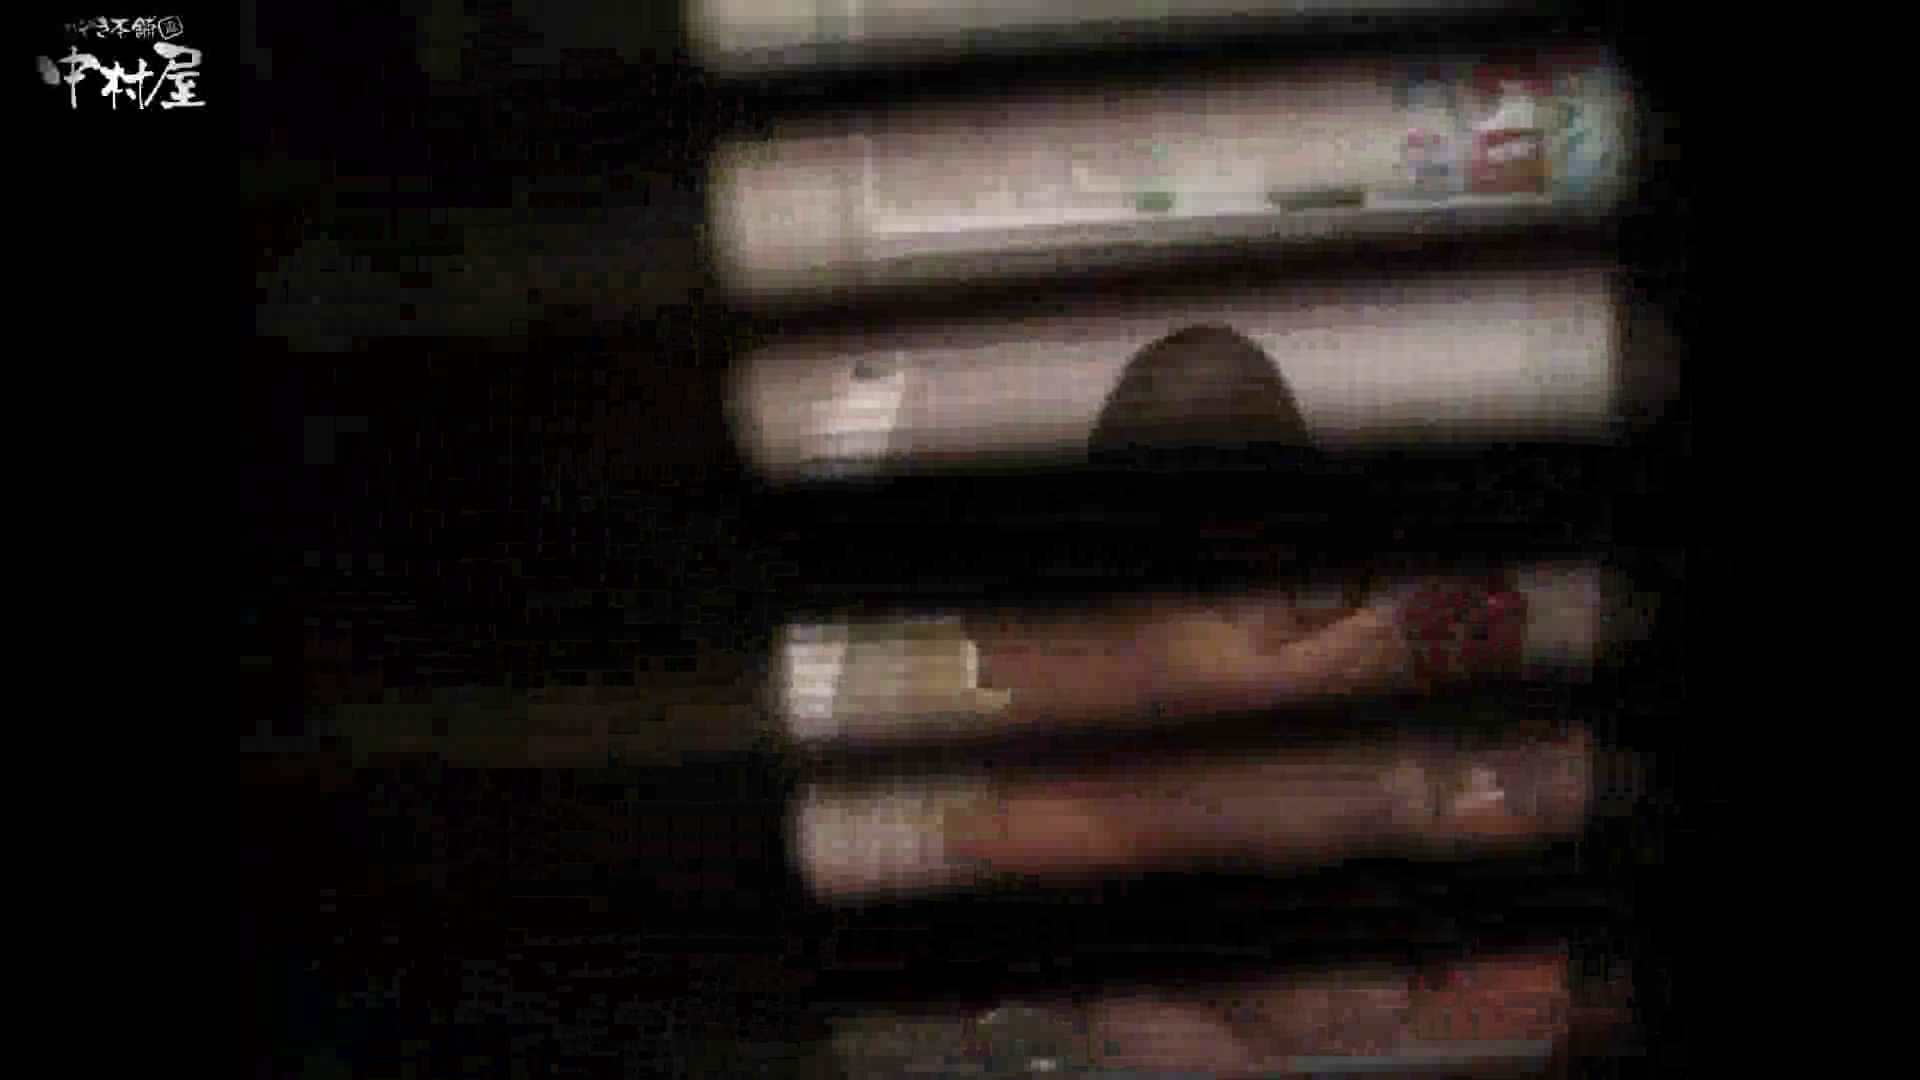 民家風呂専門盗撮師の超危険映像 vol.017 盗撮 オメコ動画キャプチャ 93PICs 9